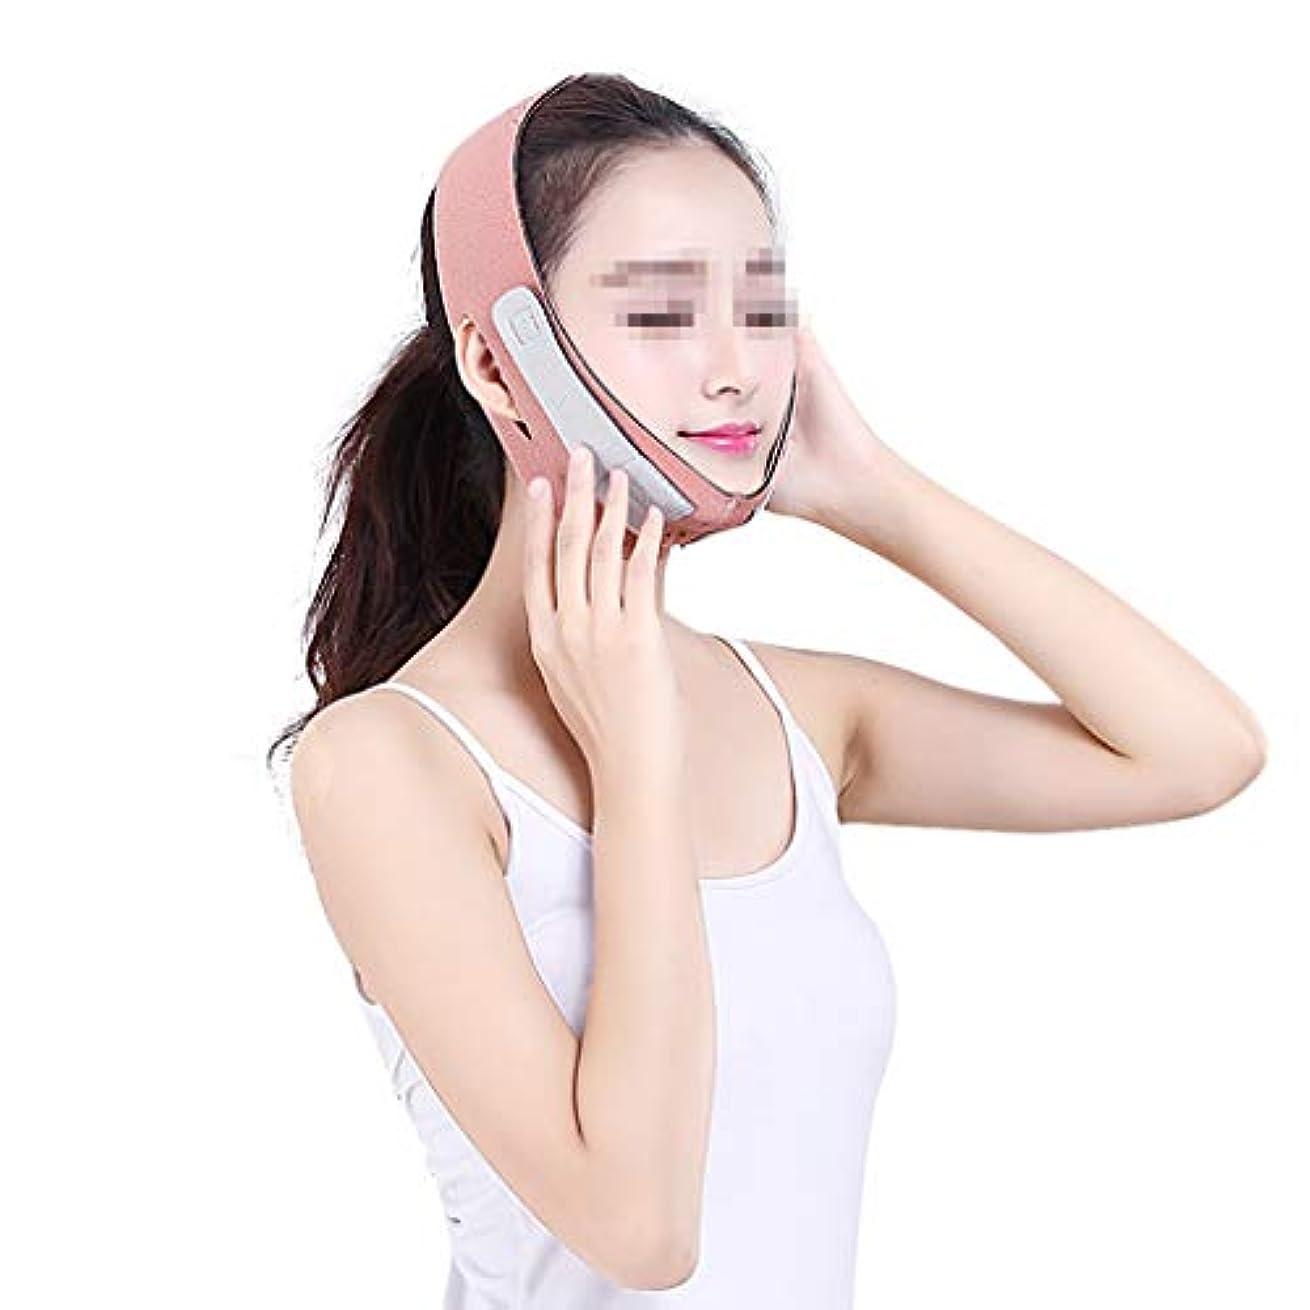 記憶機械チューリップ顔の持ち上がる睡眠のV顔の包帯、マスクの顔の顔のマッサージャーのあごの顔の持ち上がる顔の持ち上がる顔の持ち上がる機械